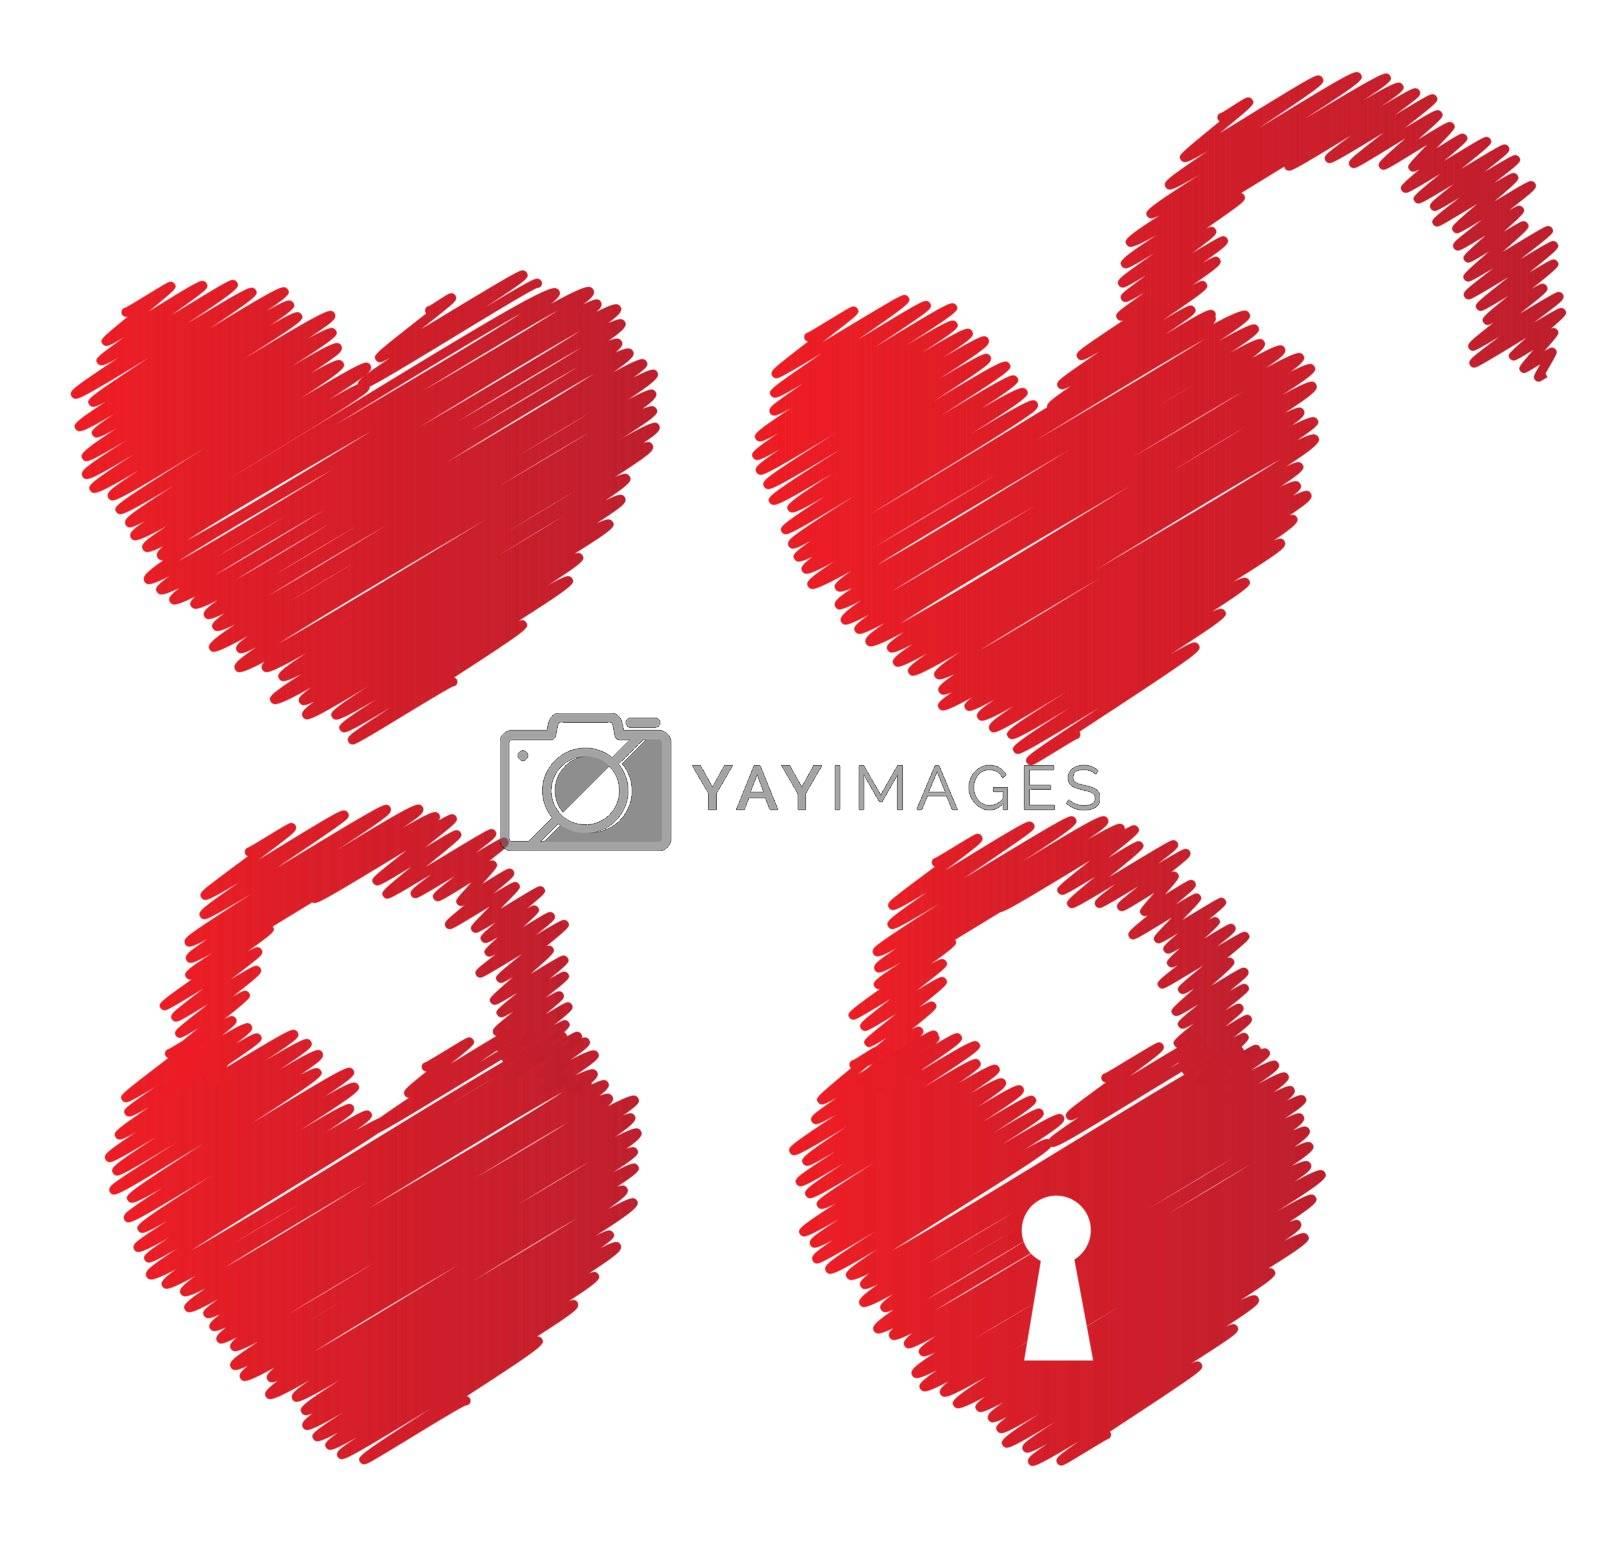 heart shaped padlocks over white background vector illustratin